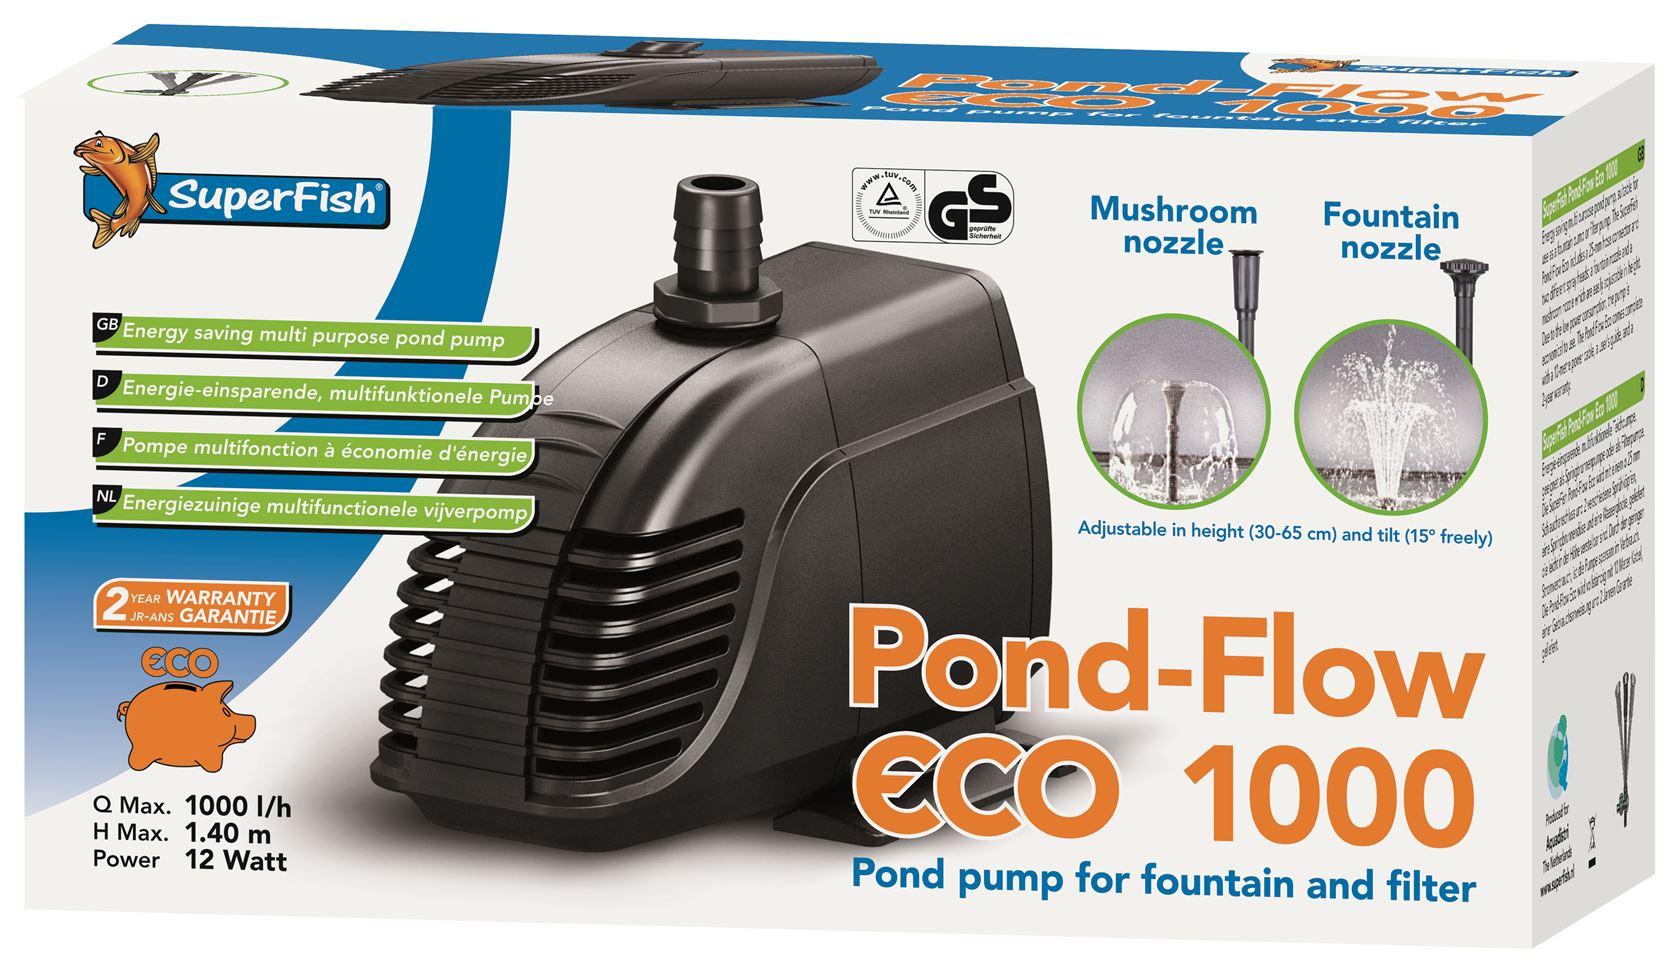 vijverpomp superfish pond flow eco 1000